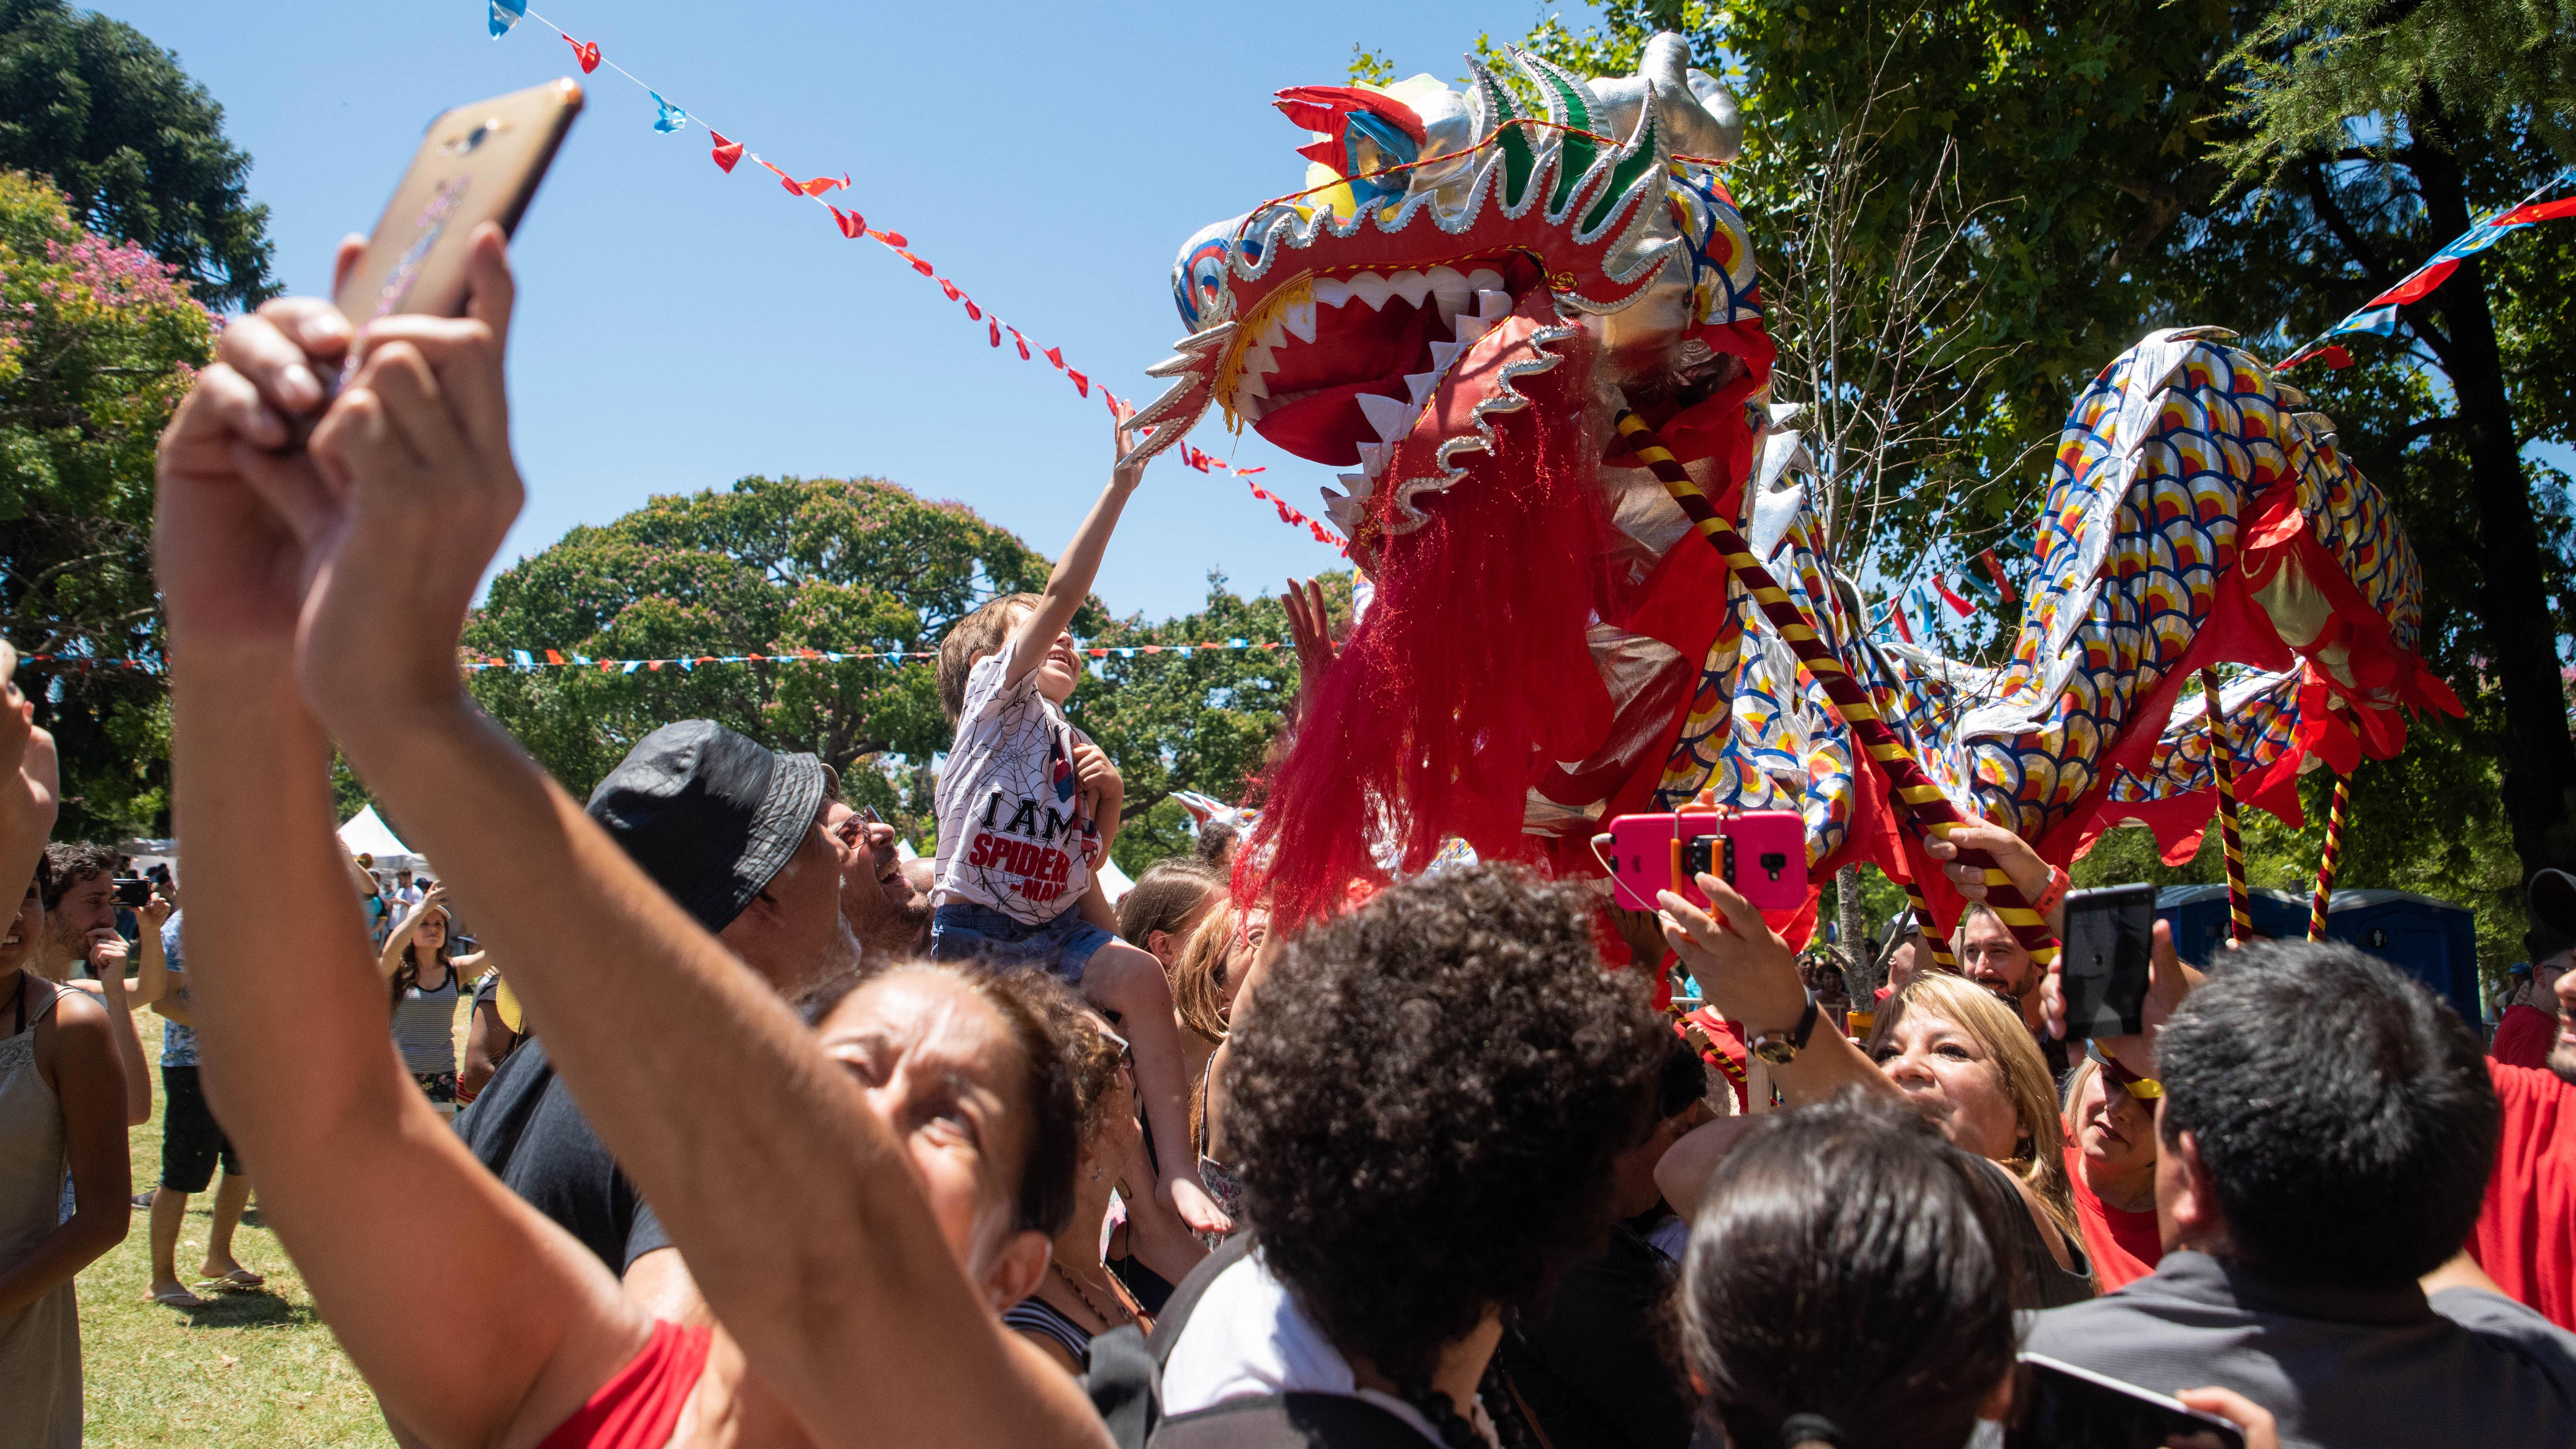 La gente aprovechó para sacarse fotos con el dragón.